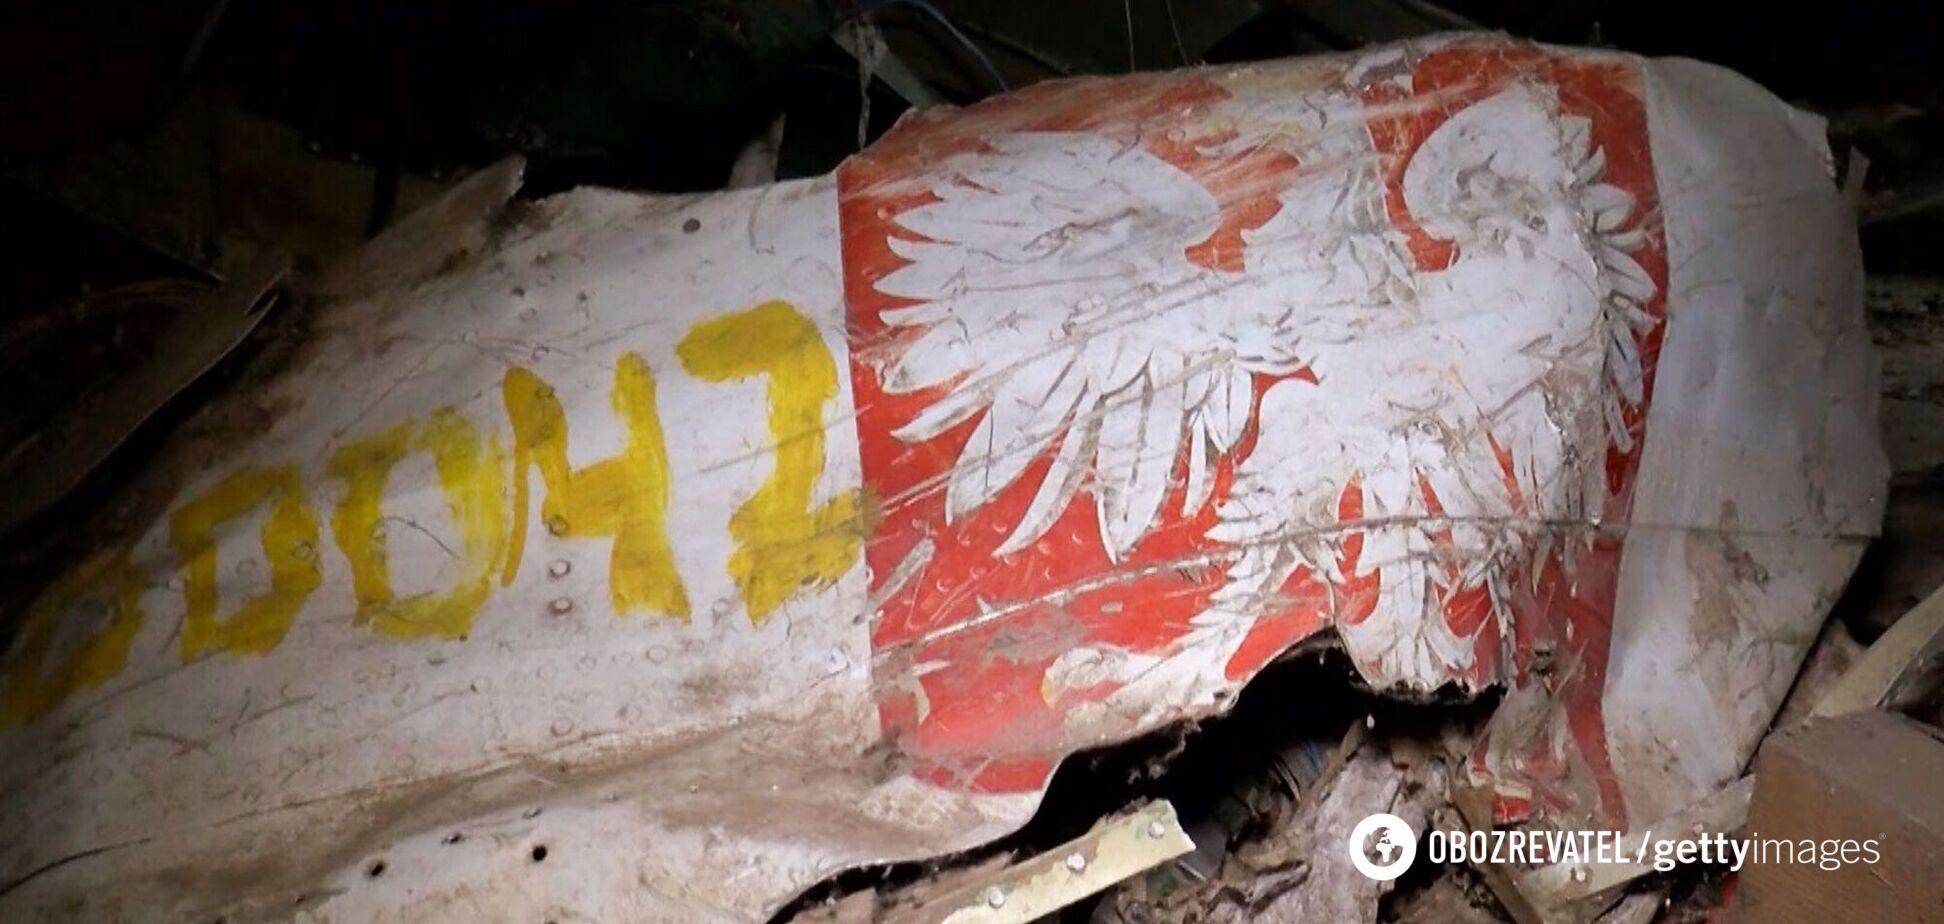 Польща зажадала арешту російських диспетчерів, які працювали в день катастрофи літака Качинського